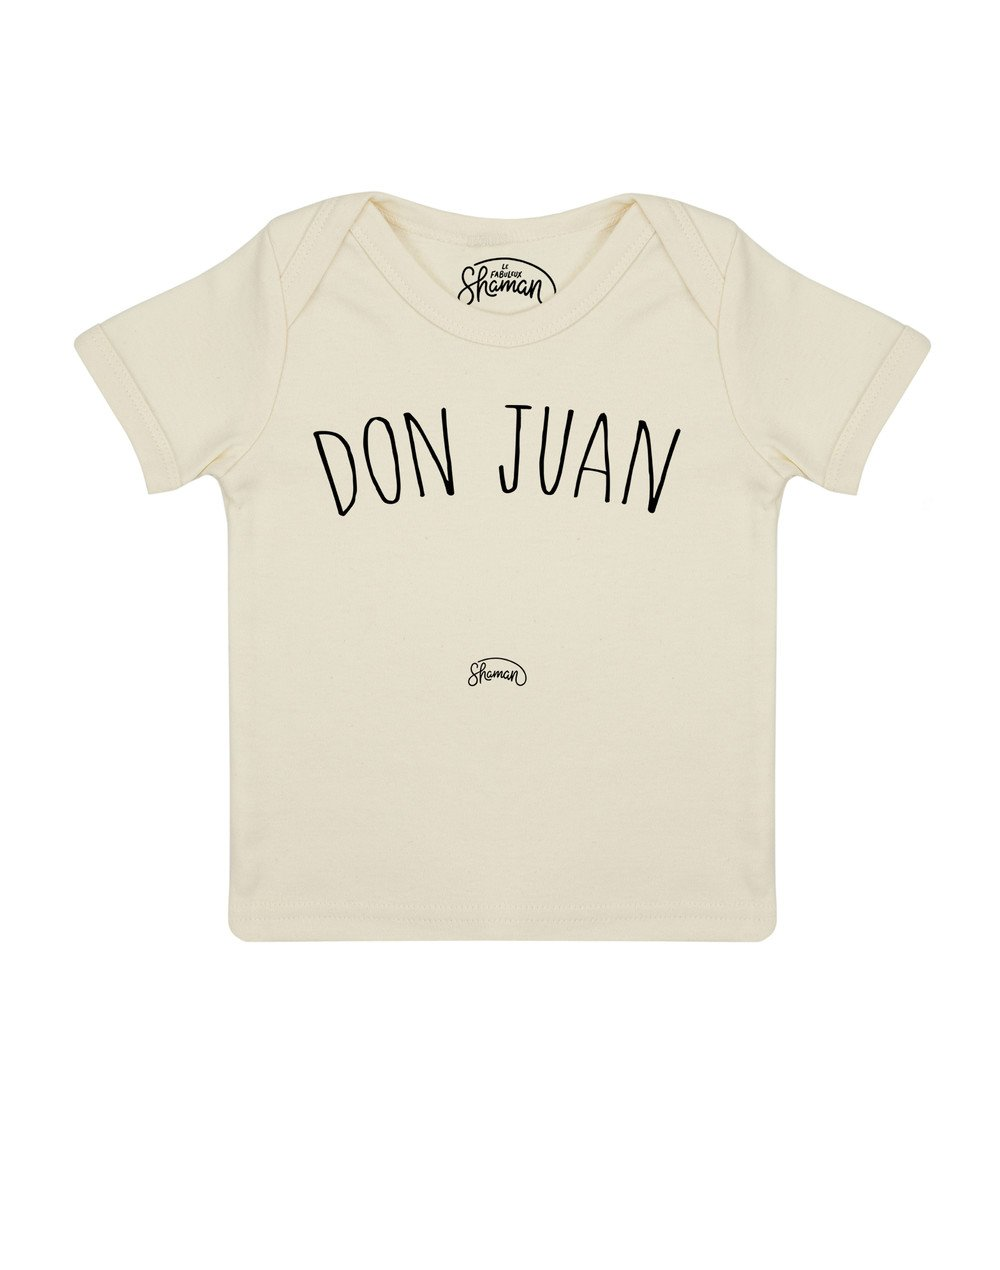 Tee shirt Don Juan